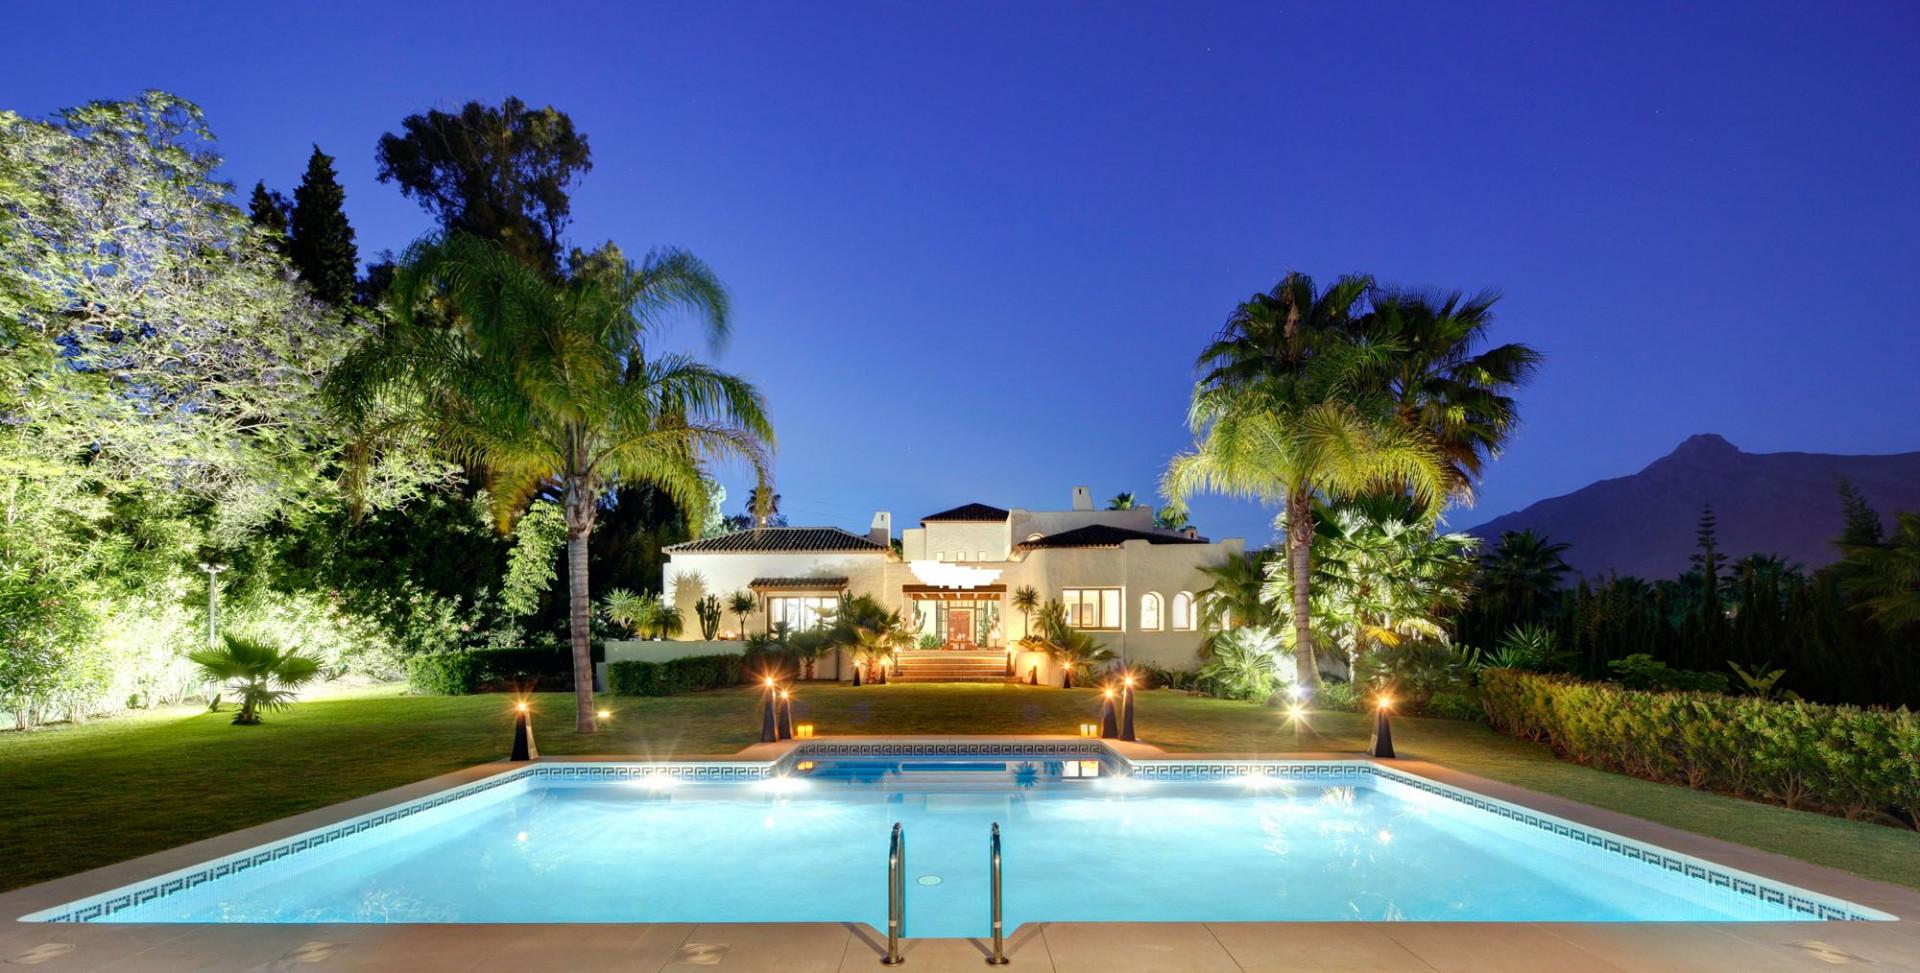 Villa en venta en Atalaya de Rio Verde, Nueva Andalucia